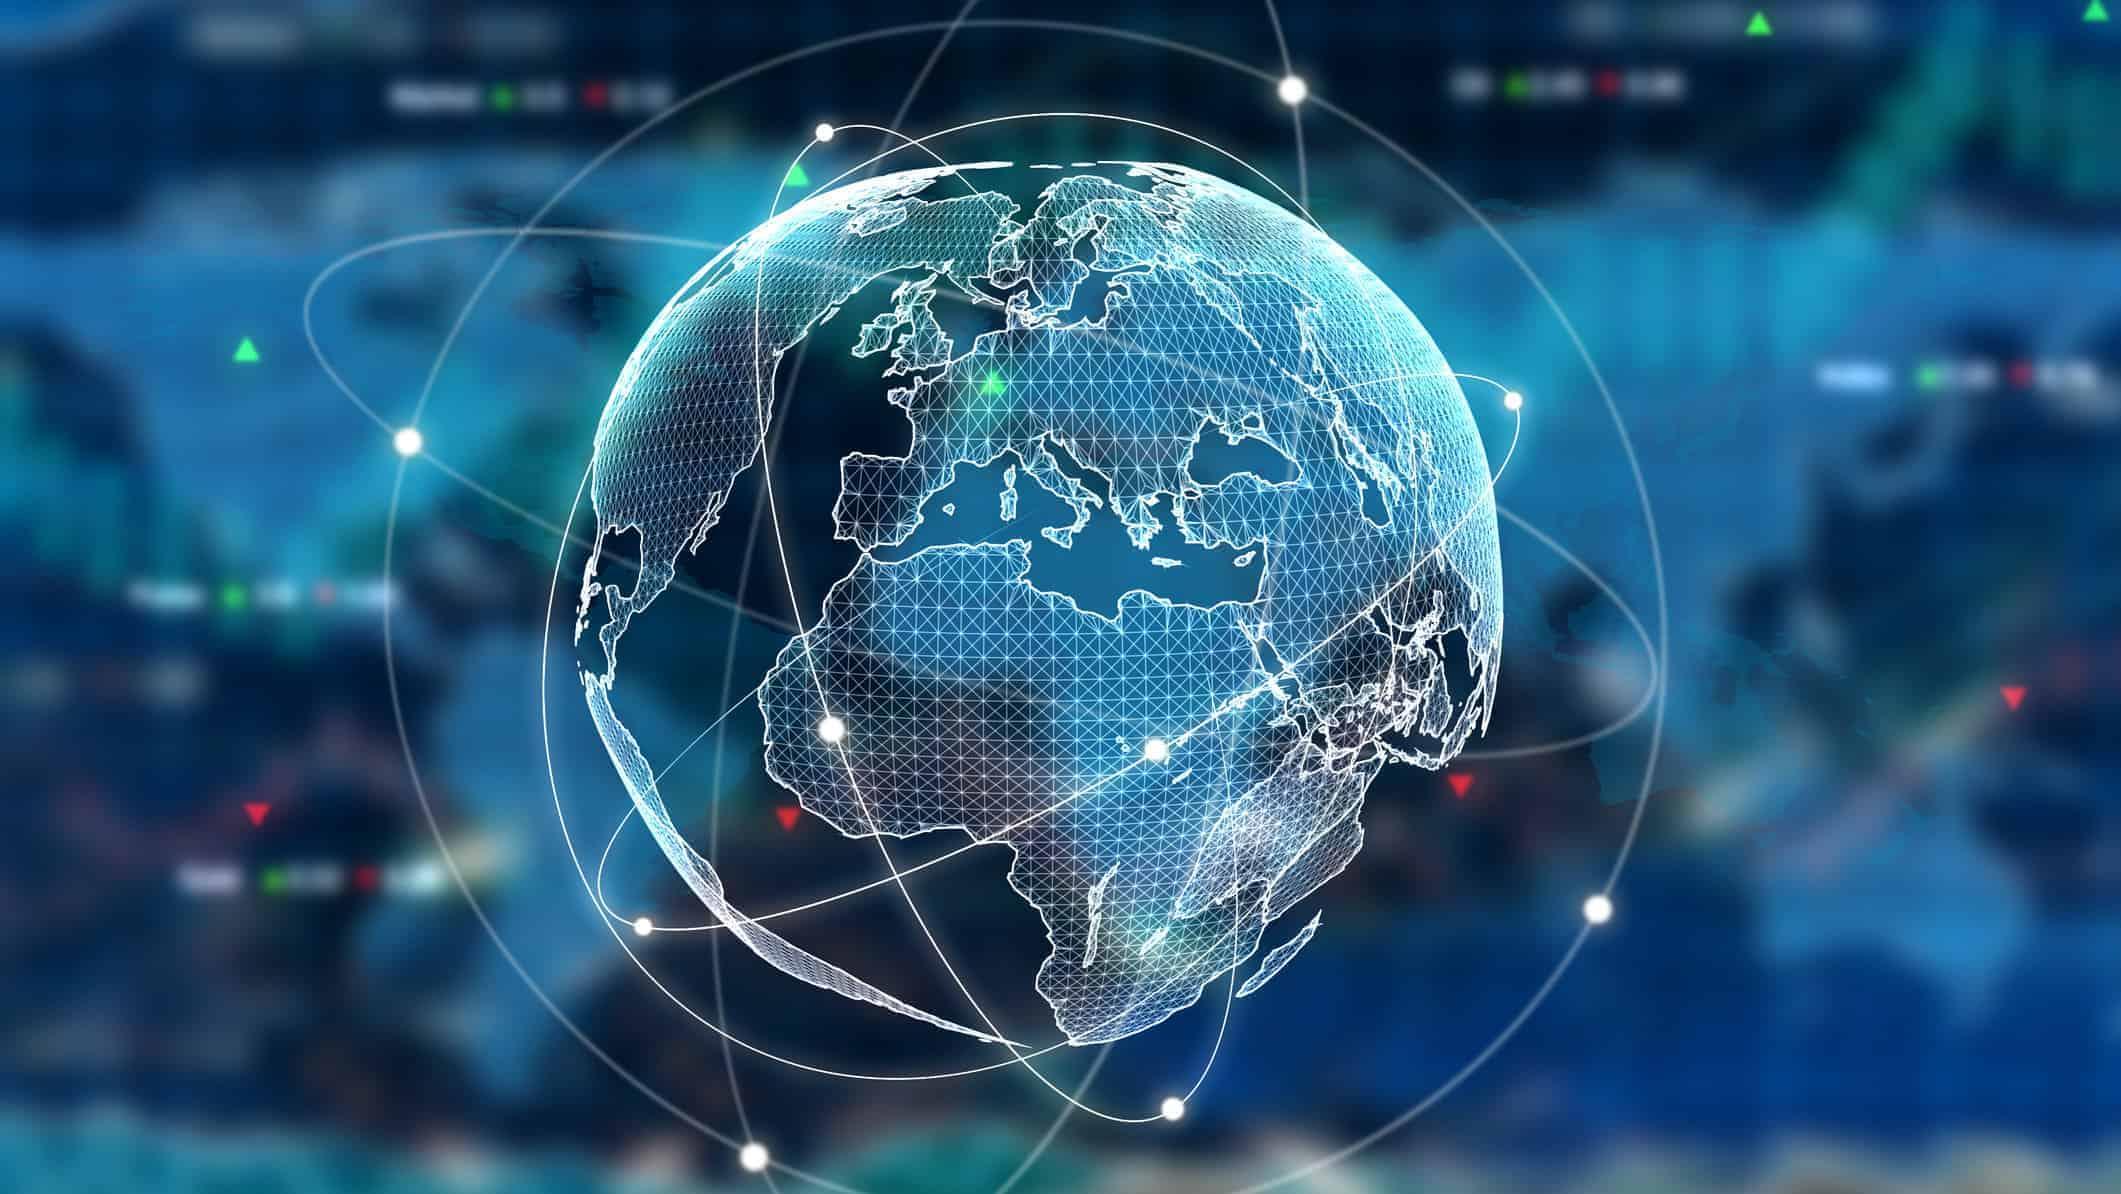 Nettoinflöden på 45,19 miljarder dollar till ETFer under Q1 2021